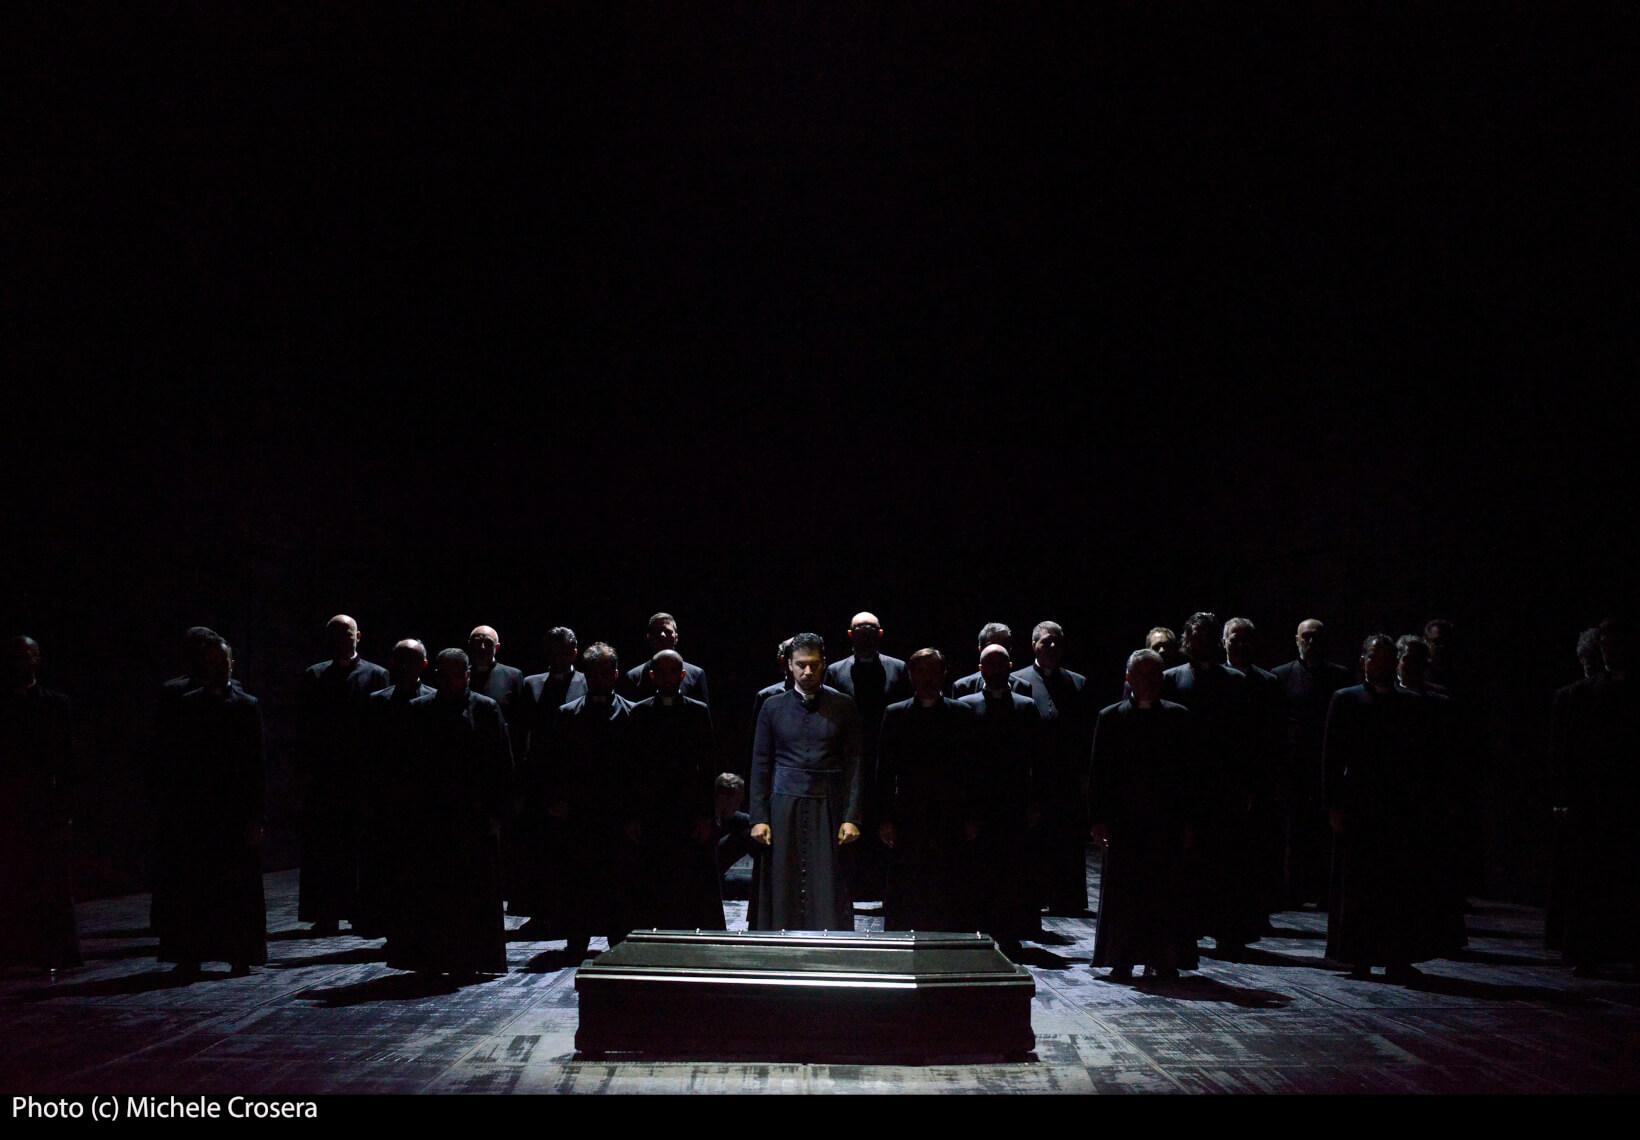 Teatro La Fenice - Don Carlo, a. I.1 sc. 1 - foto @ Michele Crosera